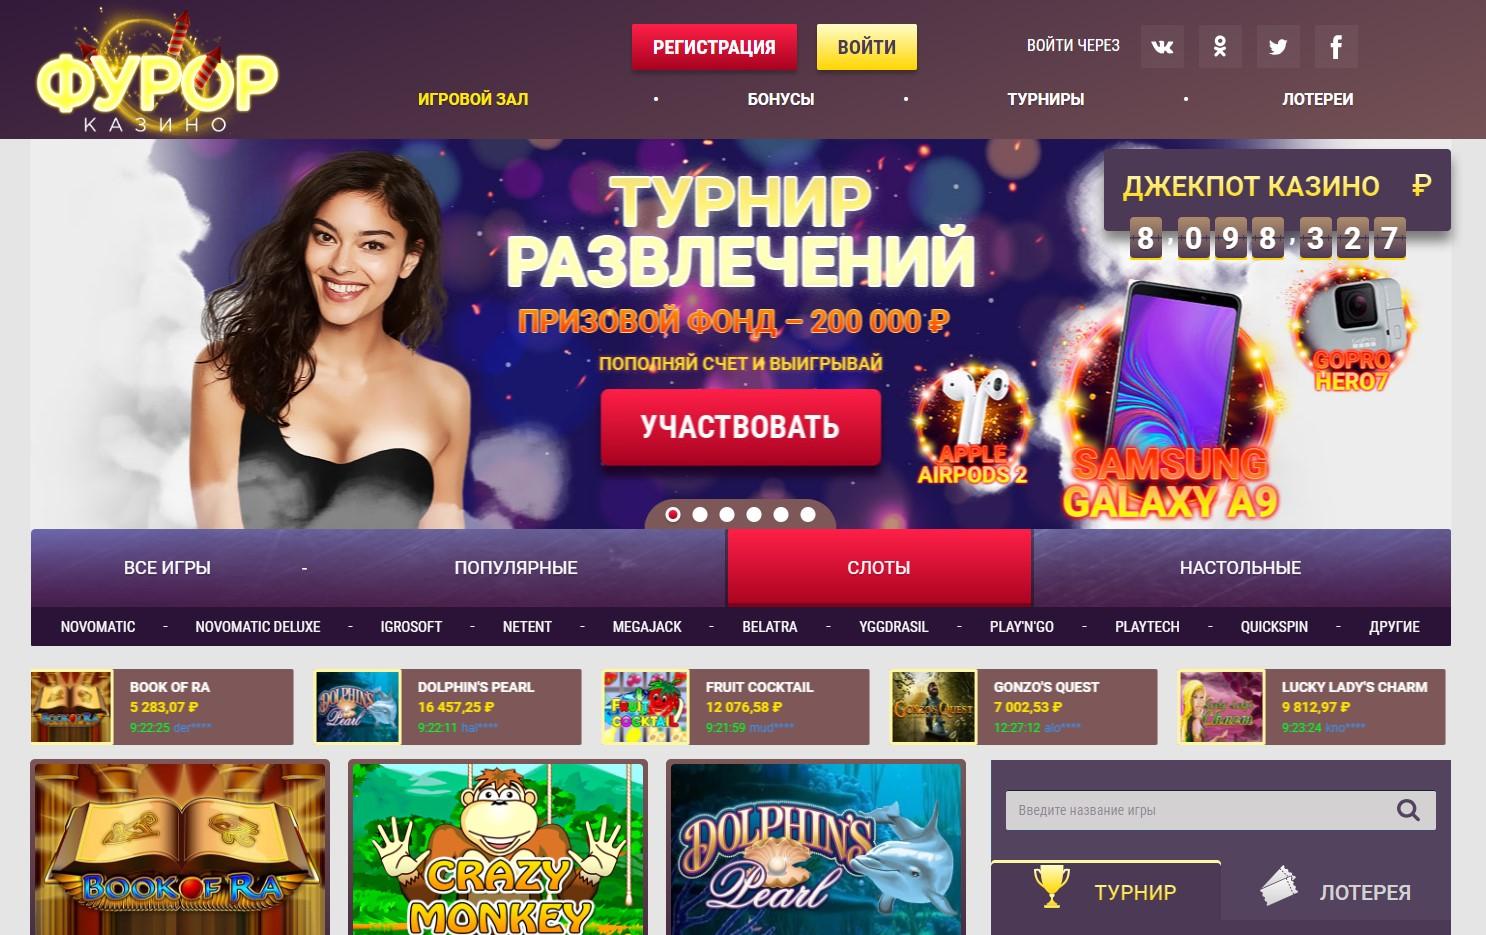 фурор казино официальный сайт